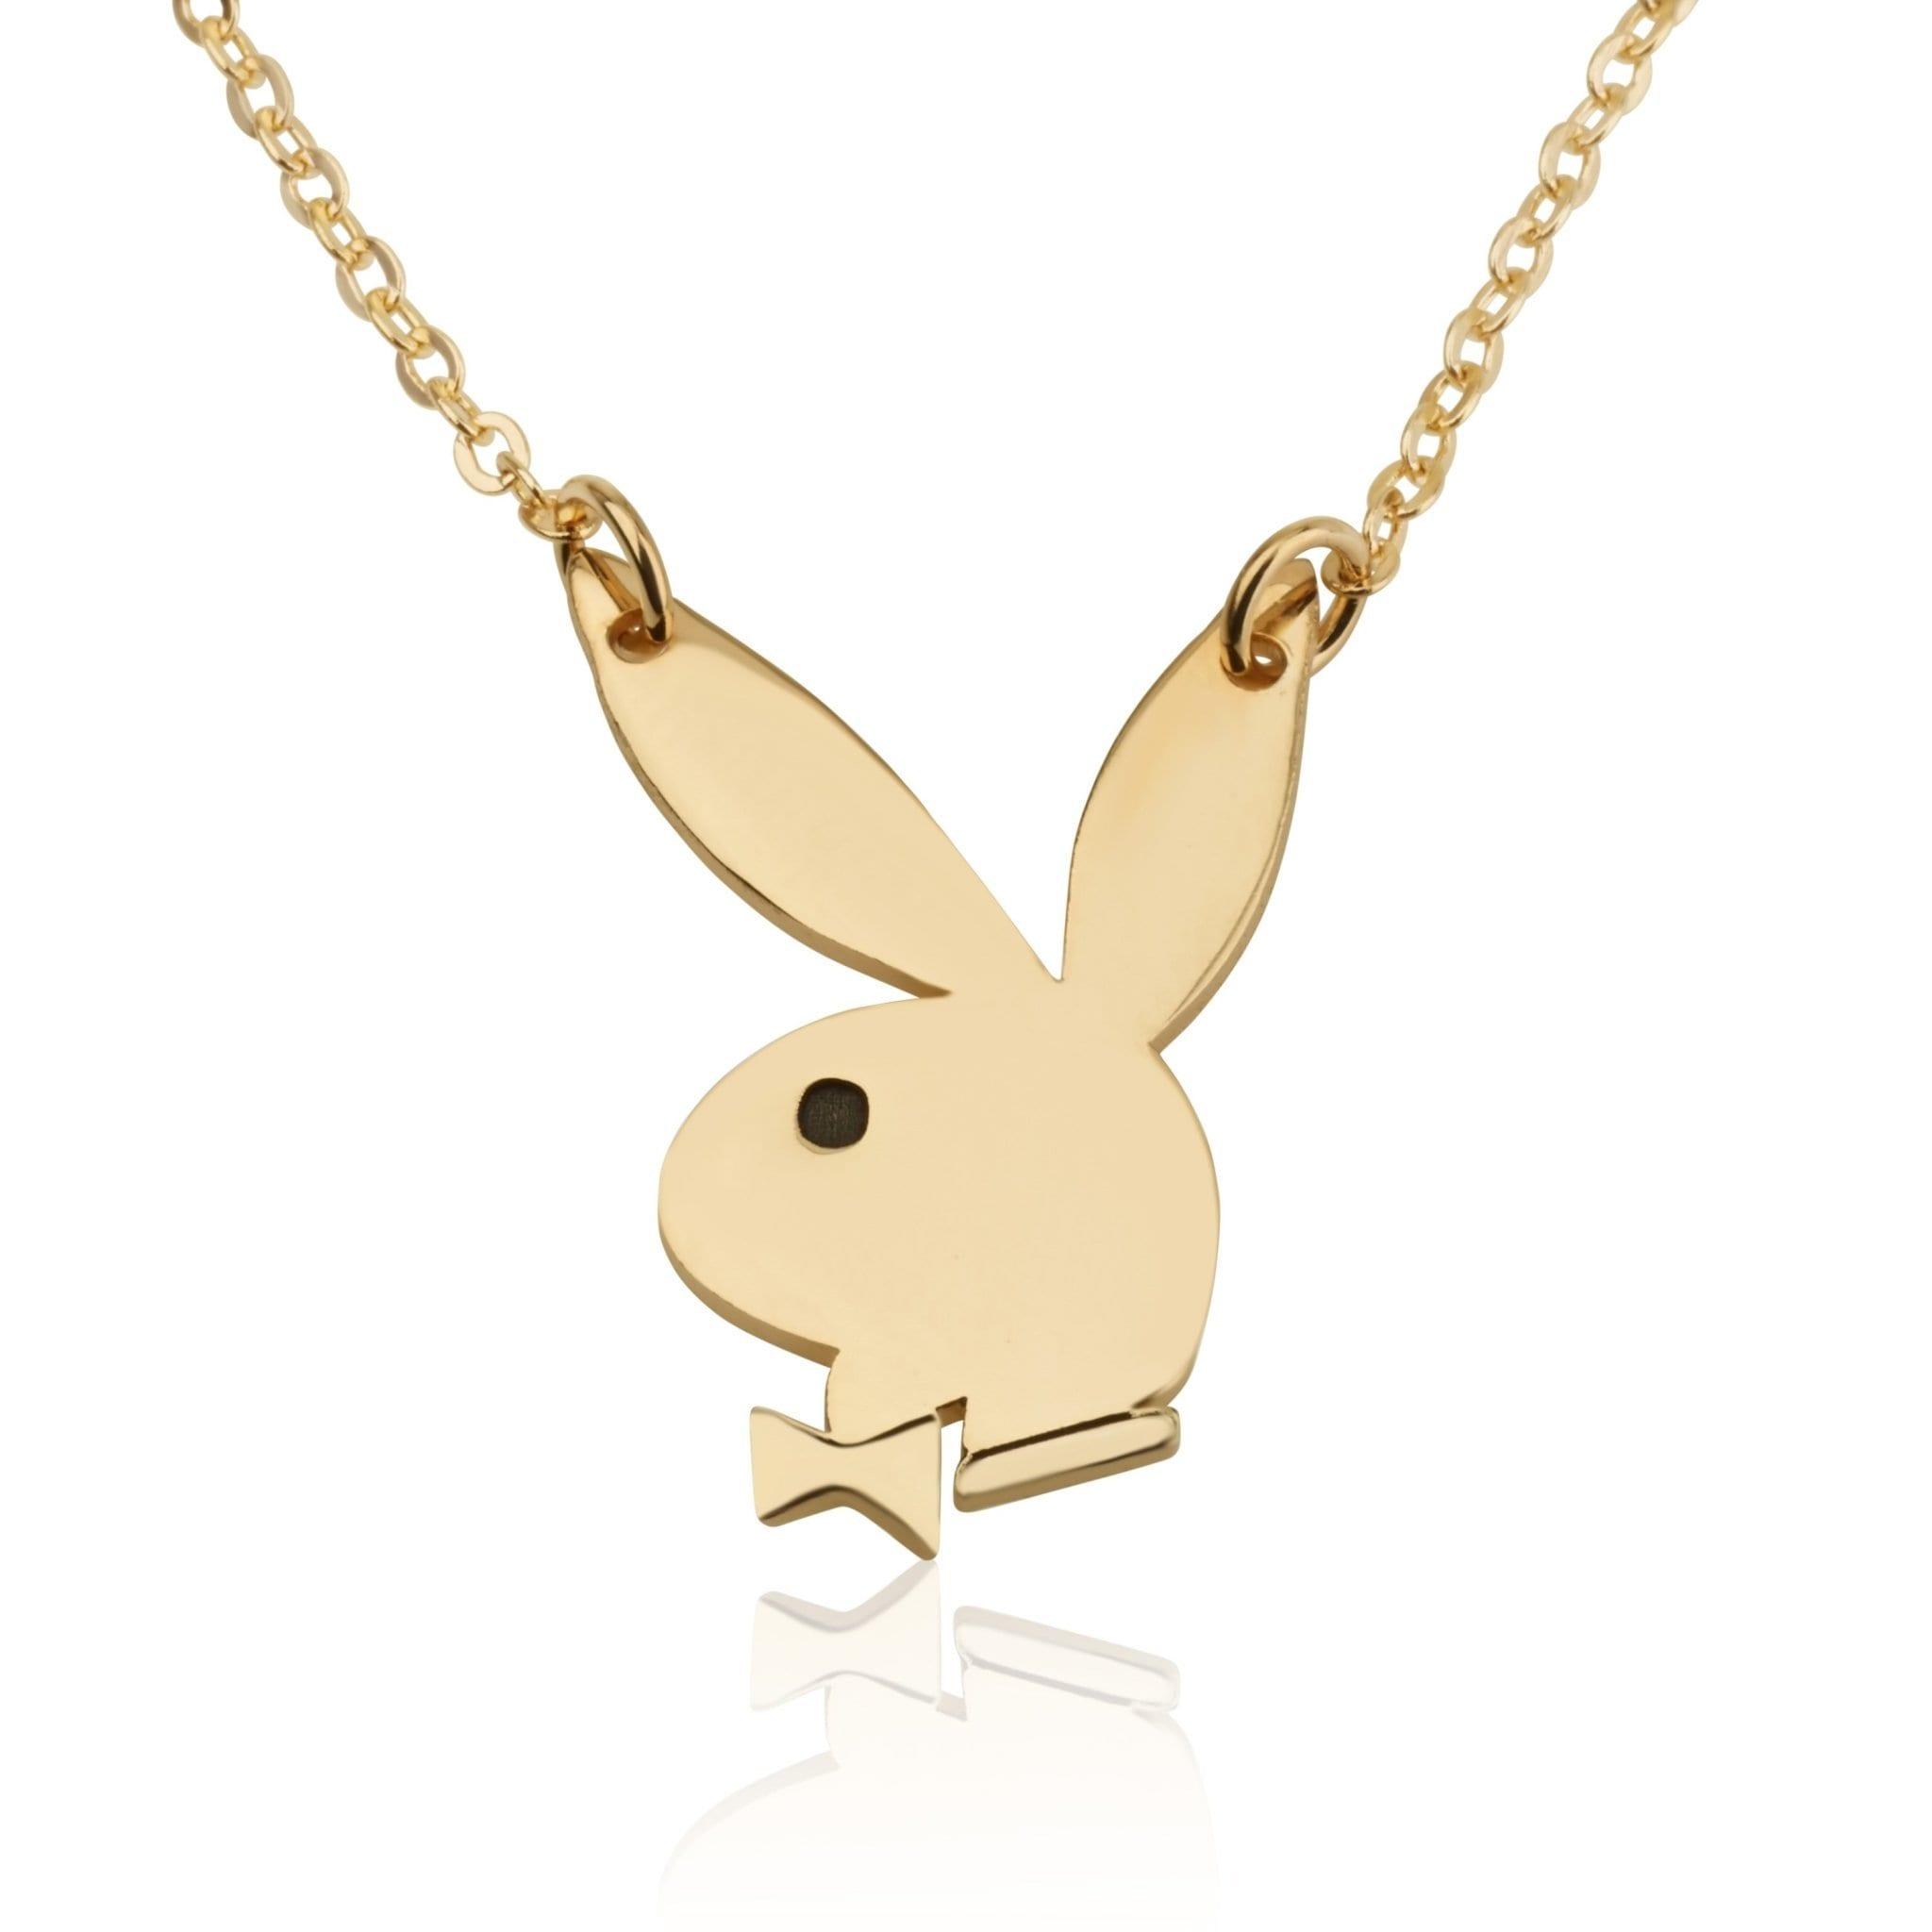 Playboy Bunny Necklace - Beleco Jewelry